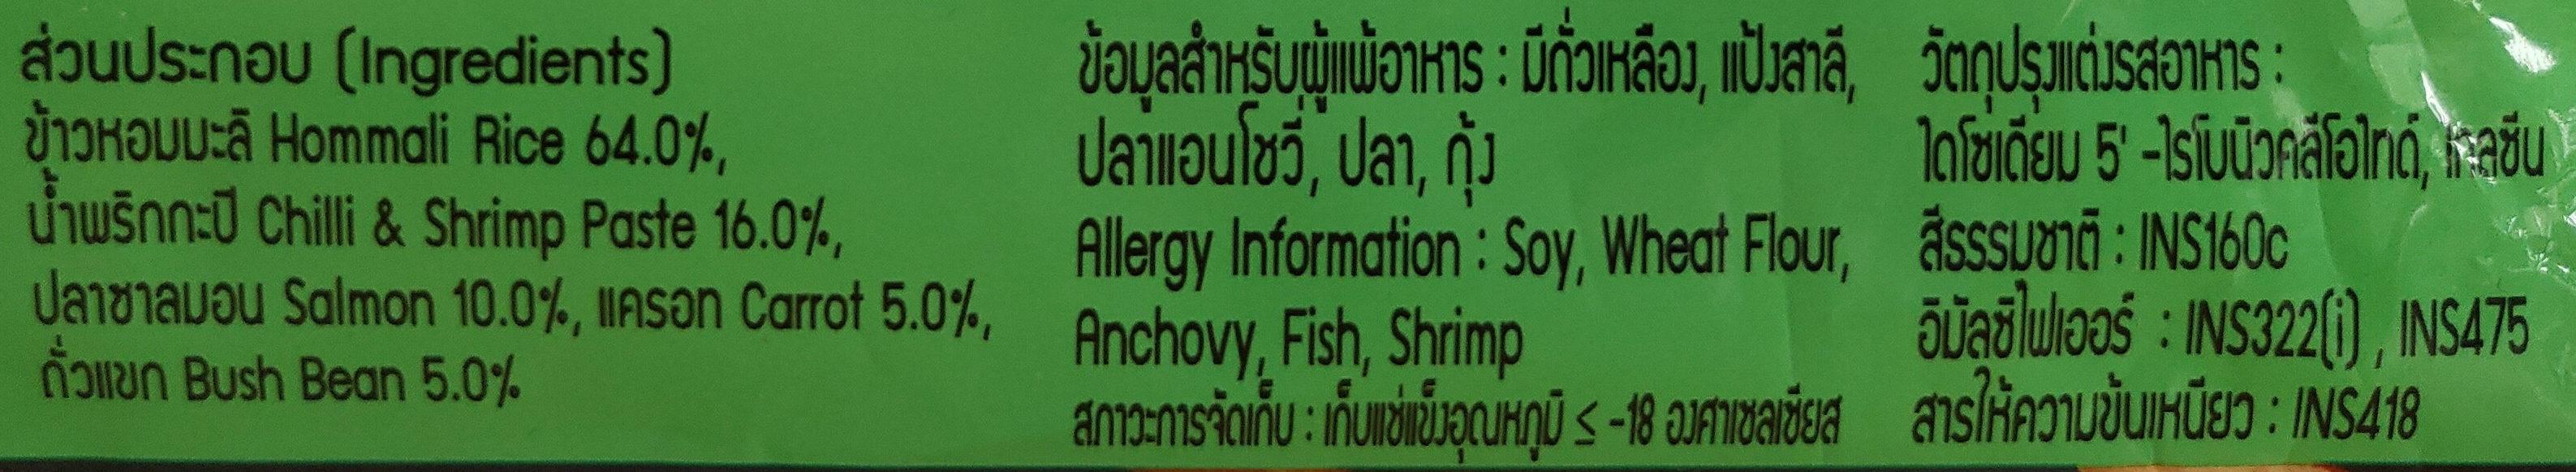 ข้าวผัดน้ำพริกปลาซาลมอน - Ingrediënten